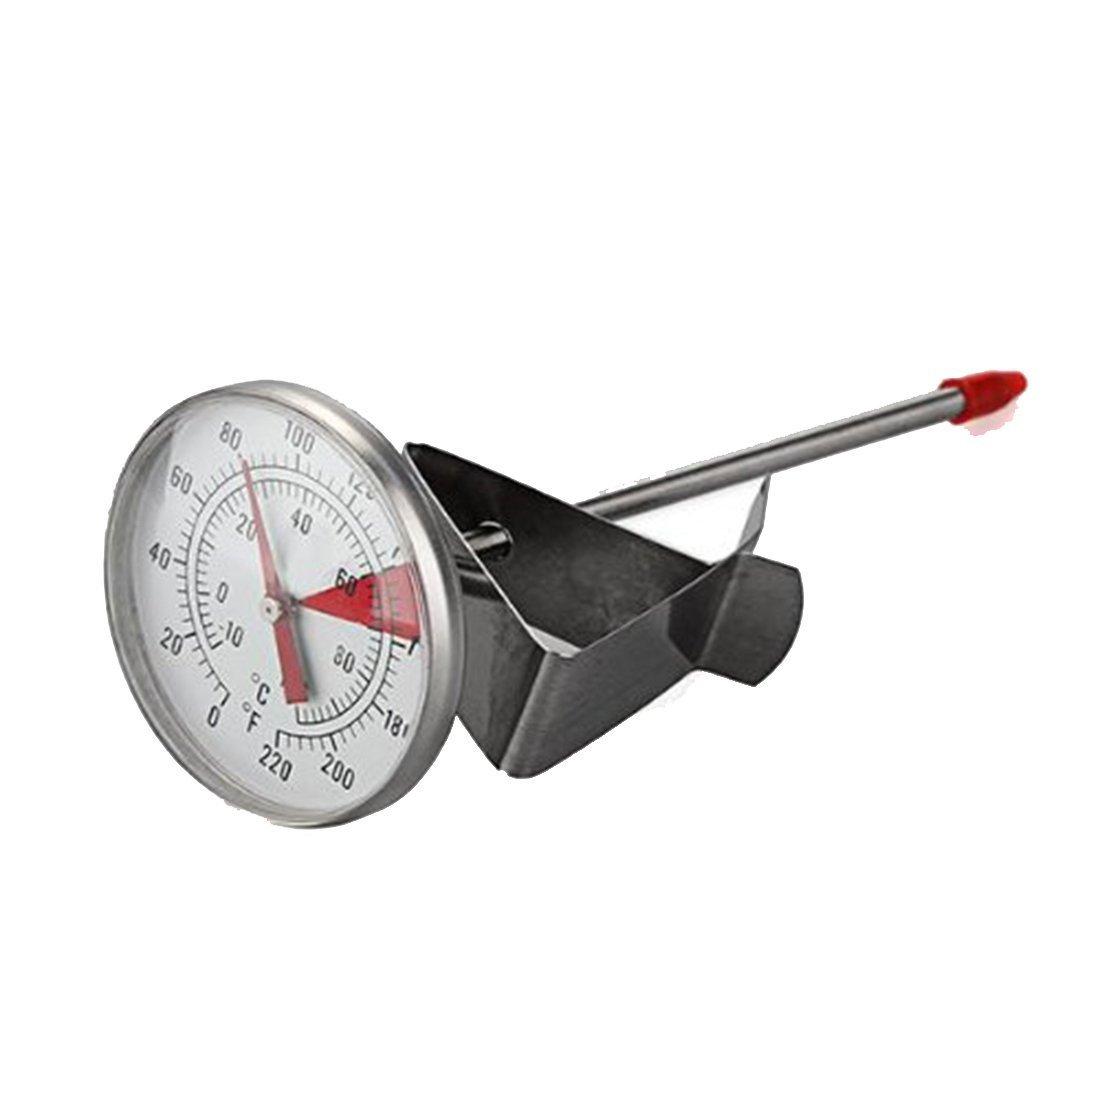 Acier inoxydable 100°C–thermomètre sonde de cuisson Cuisine Portable poche Four Barbecue